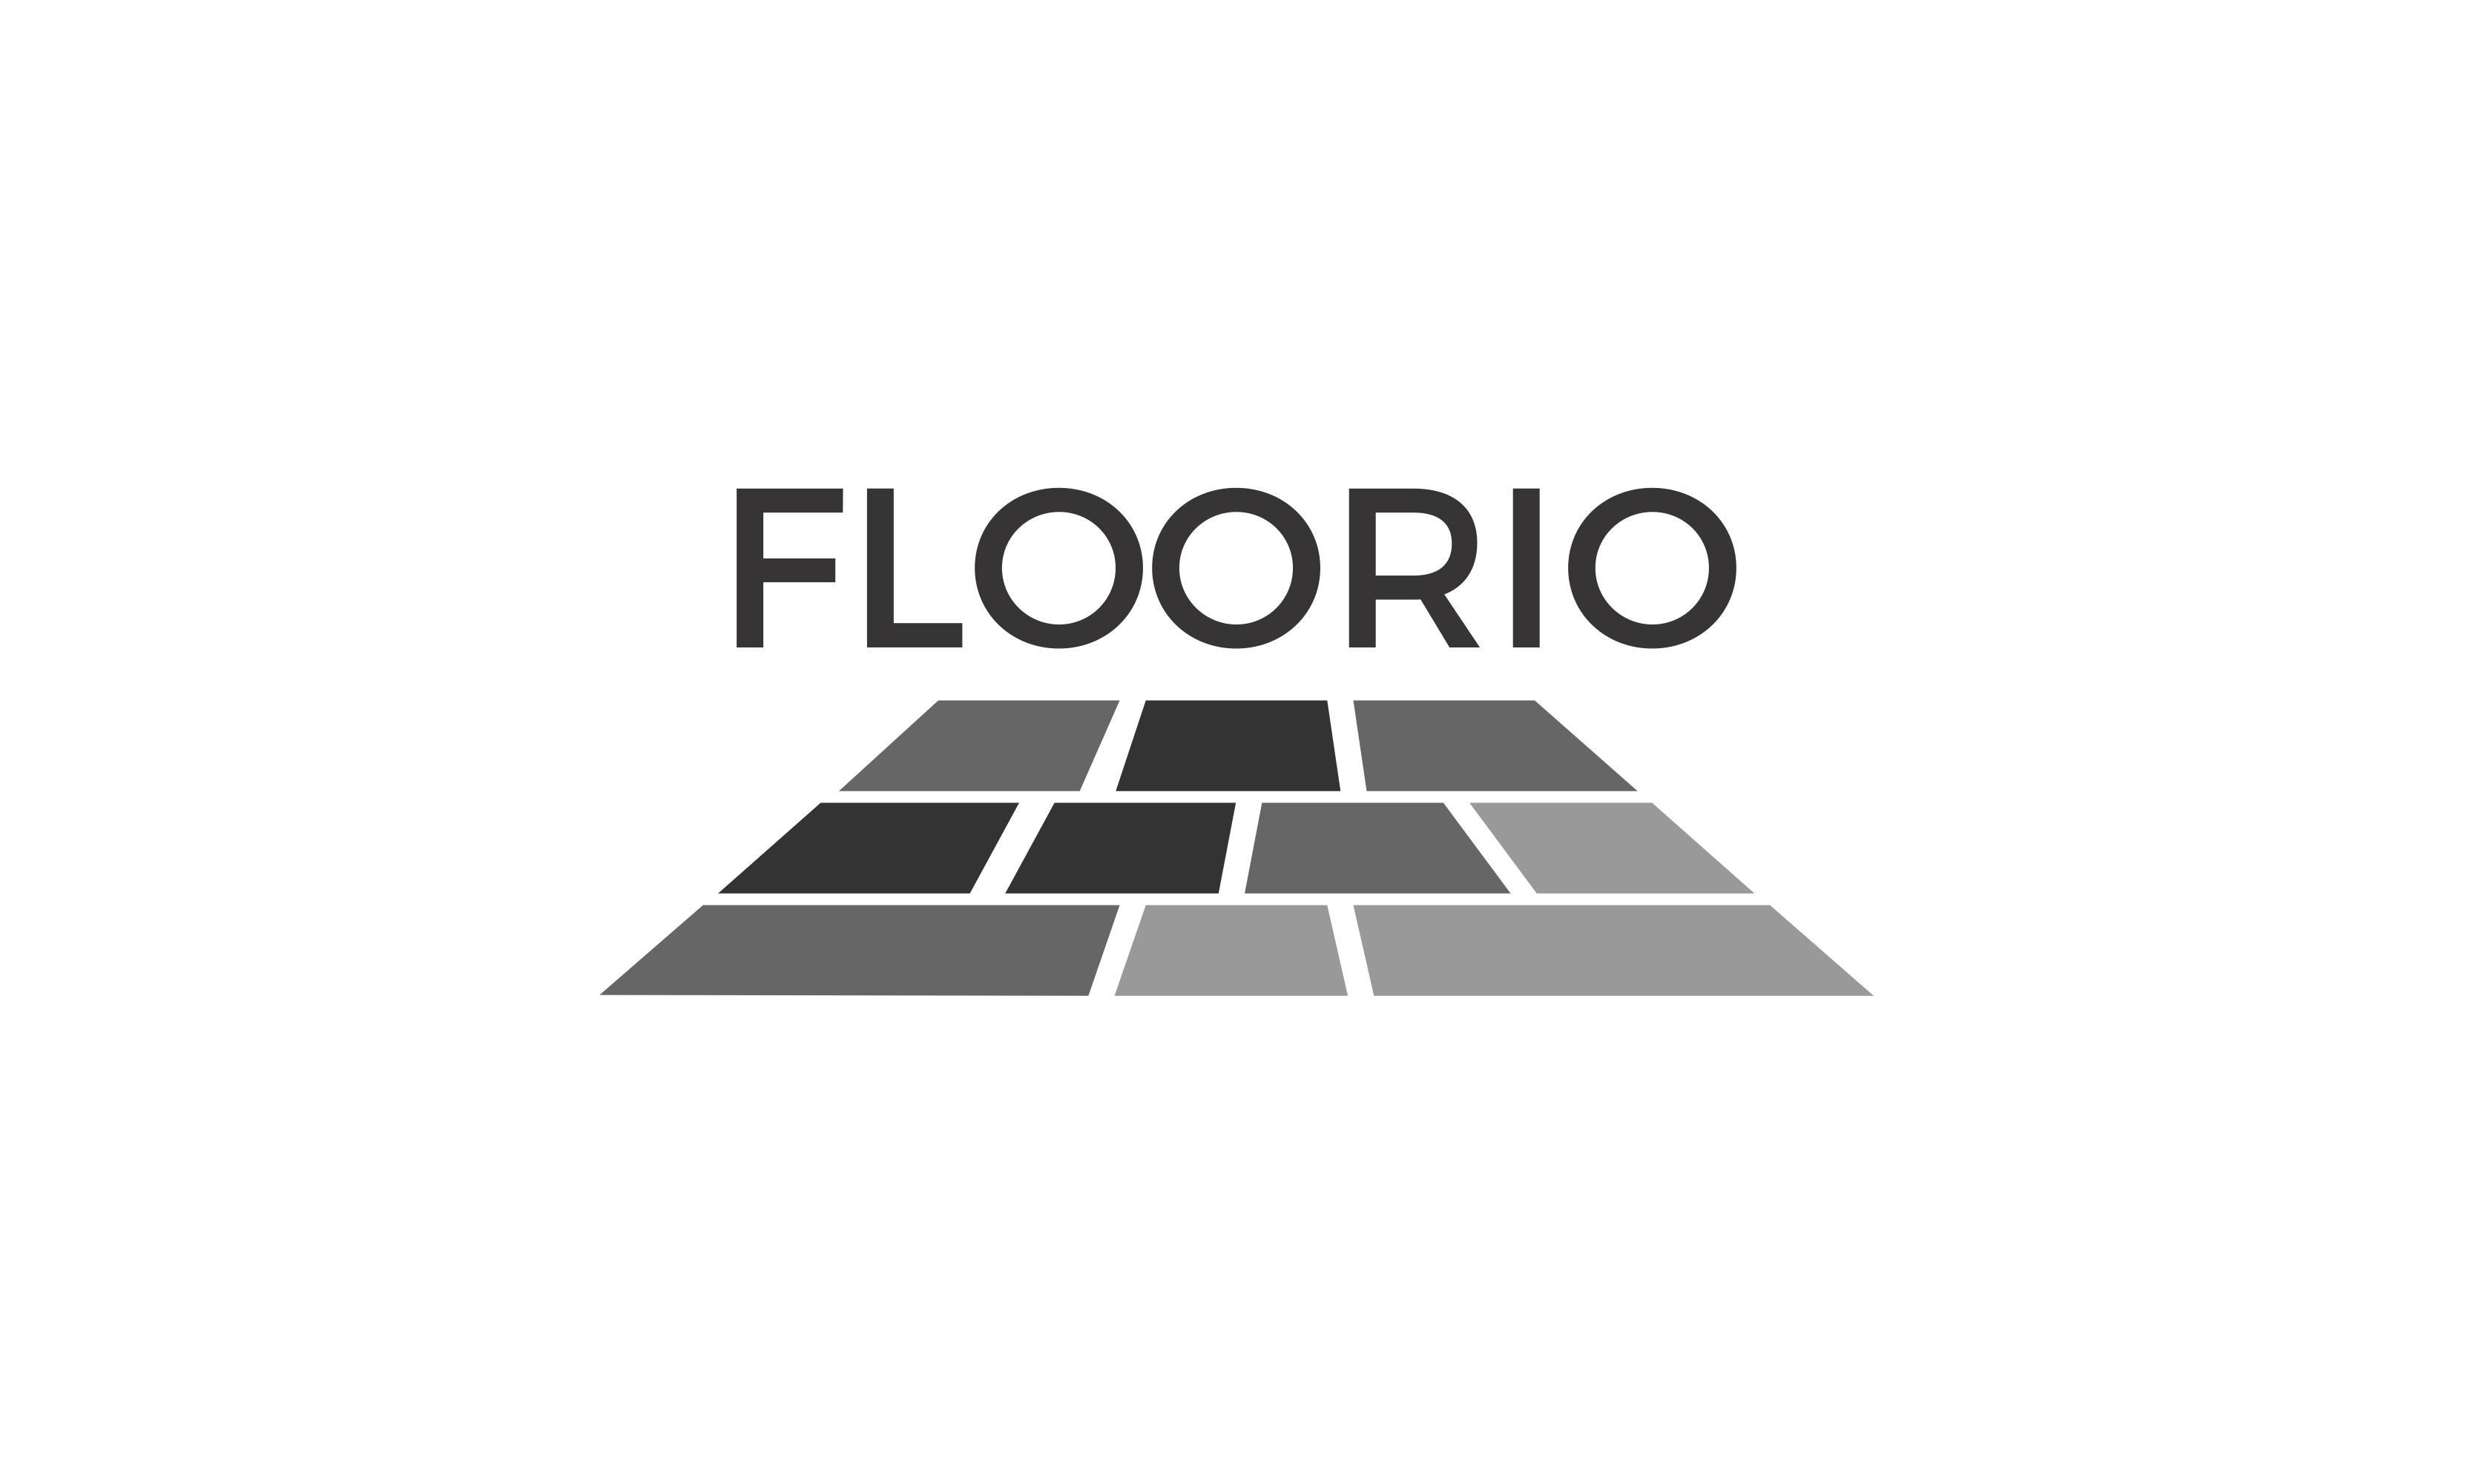 Floorio